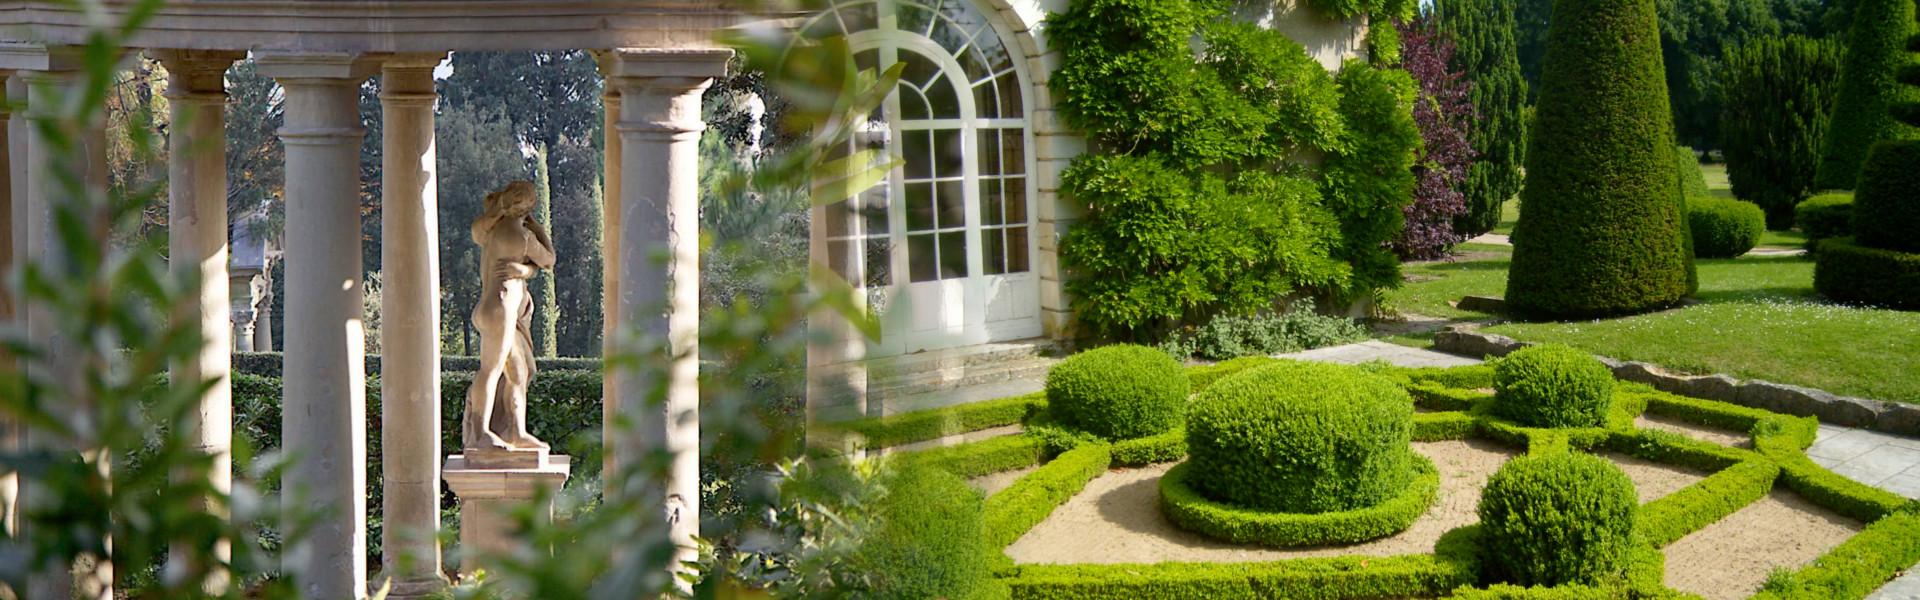 Progettarazione di giardini a tema, ripristino del verde, consulenze botaniche e fitopatologiche, assistenza e direzione lavori